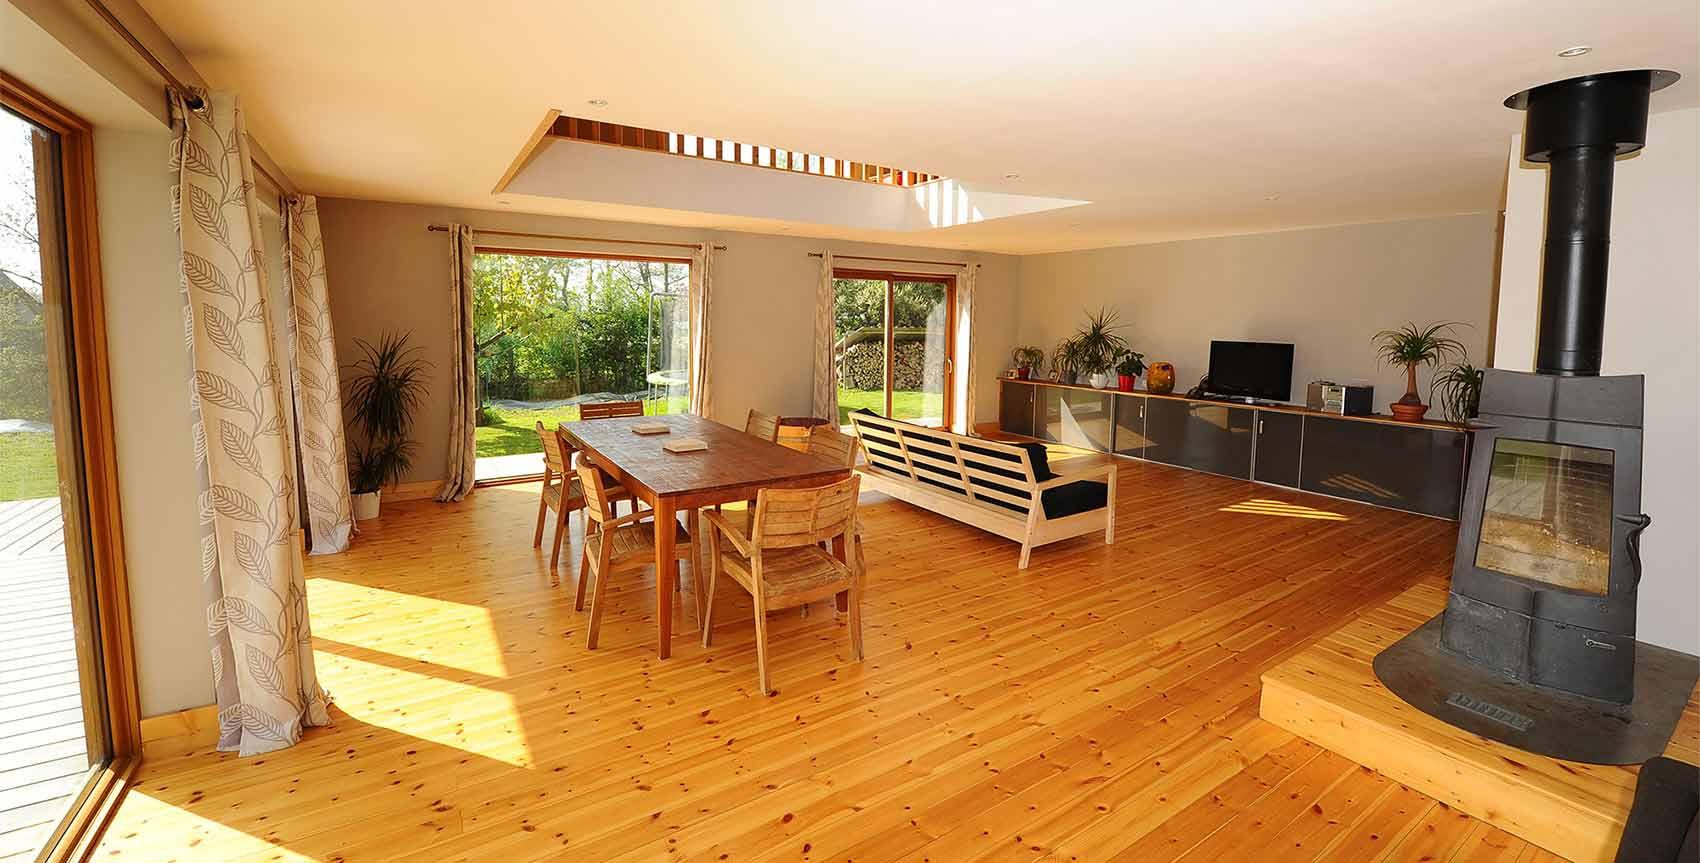 interieur-maison-ossature-bois-tiro - Architecture Bois Magazine ...